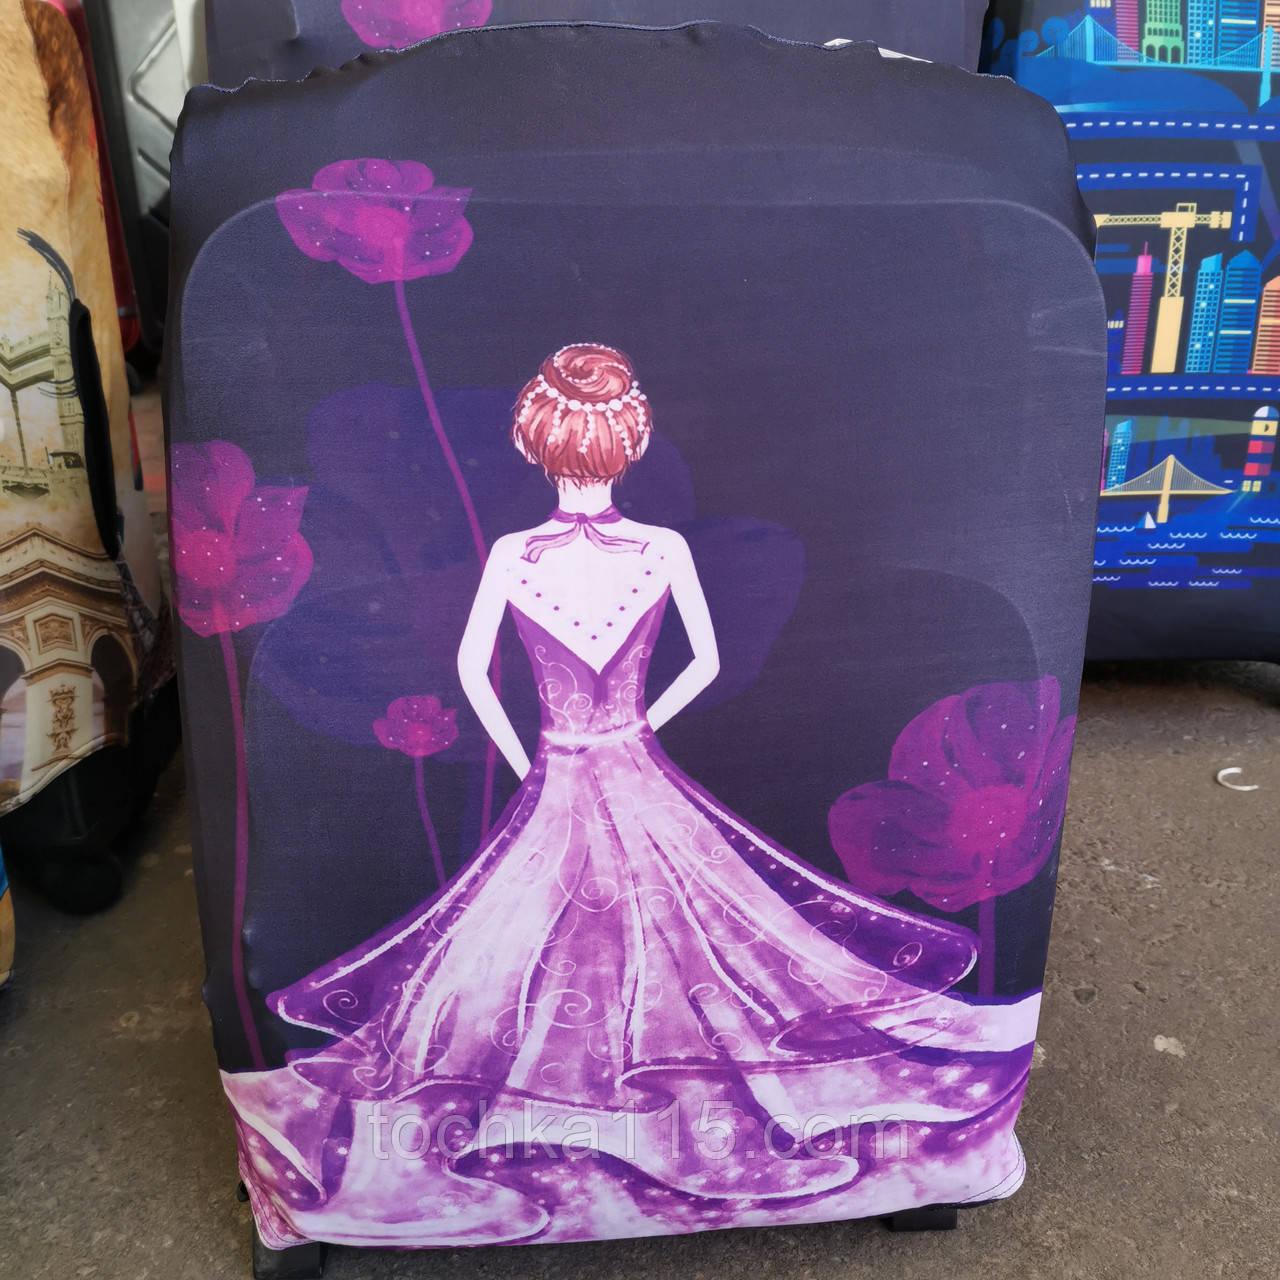 Чехол на средний чемодан фиолетовое платье размер М 55-65 см, чехол нейлоновый, накидка на чемодан